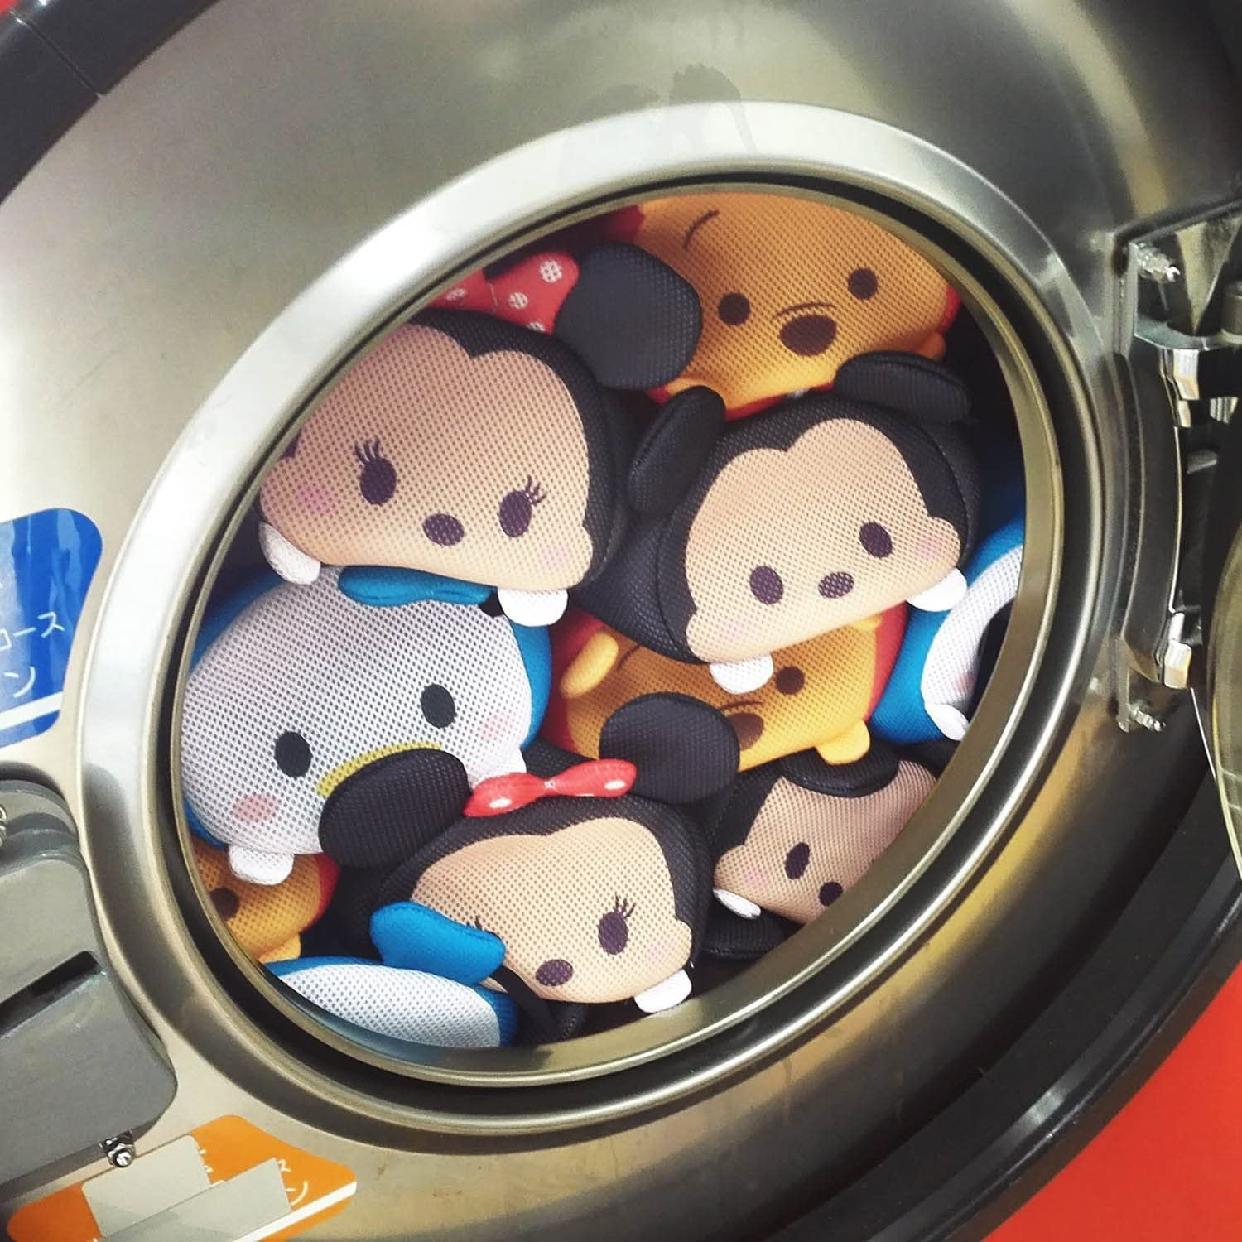 BELLE MAISON(ベルメゾン) ディズニー ポーチのような洗濯ネット「ディズニー ツムツム」の商品画像4